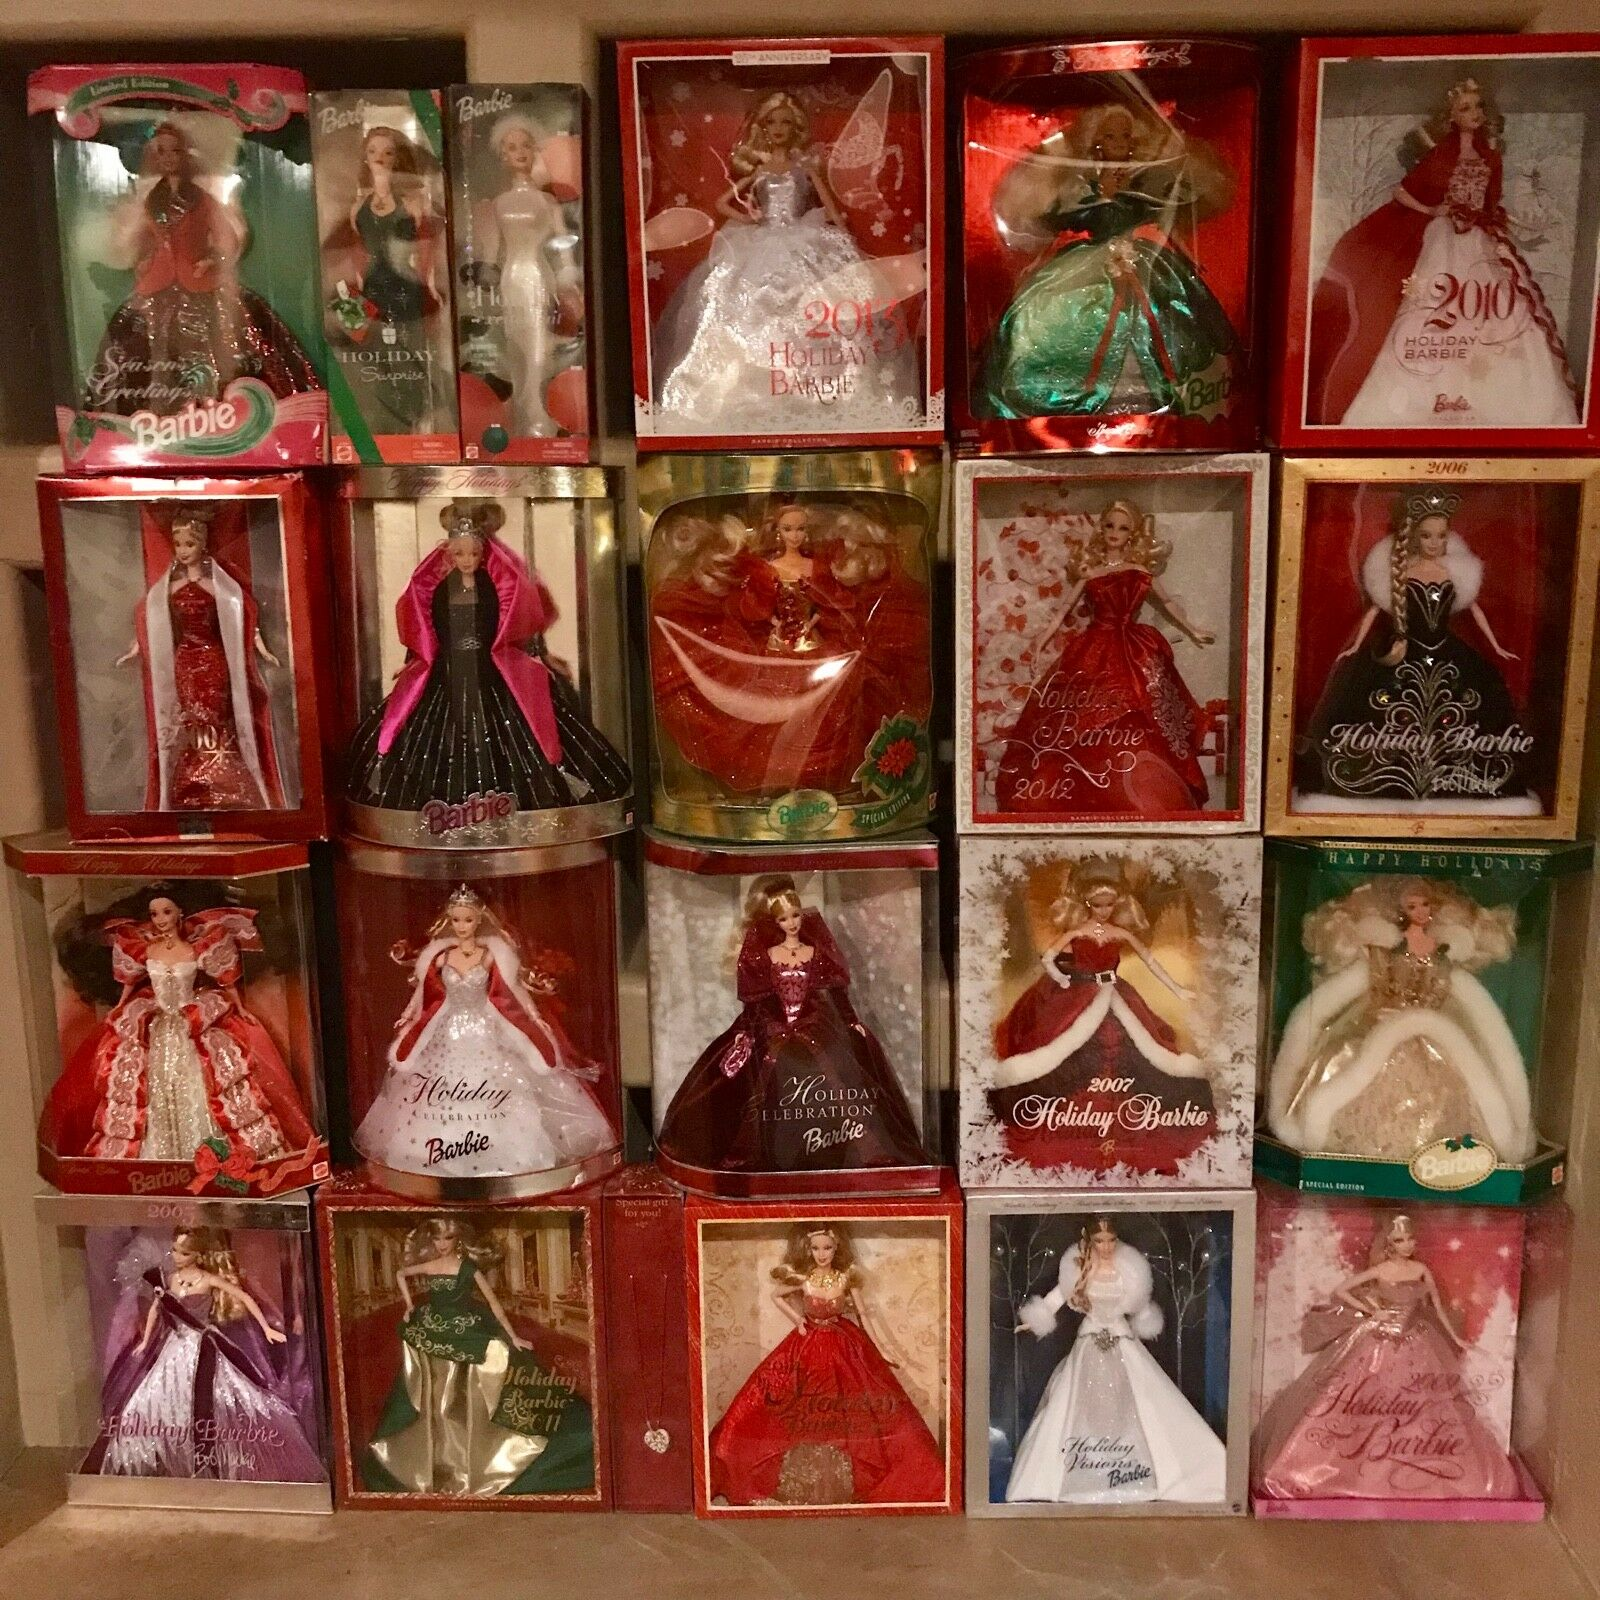 Lote de 20 coleccionista Vacaciones Barbie 1993 1994 1997 1998 2000 2001 2002 2004-más